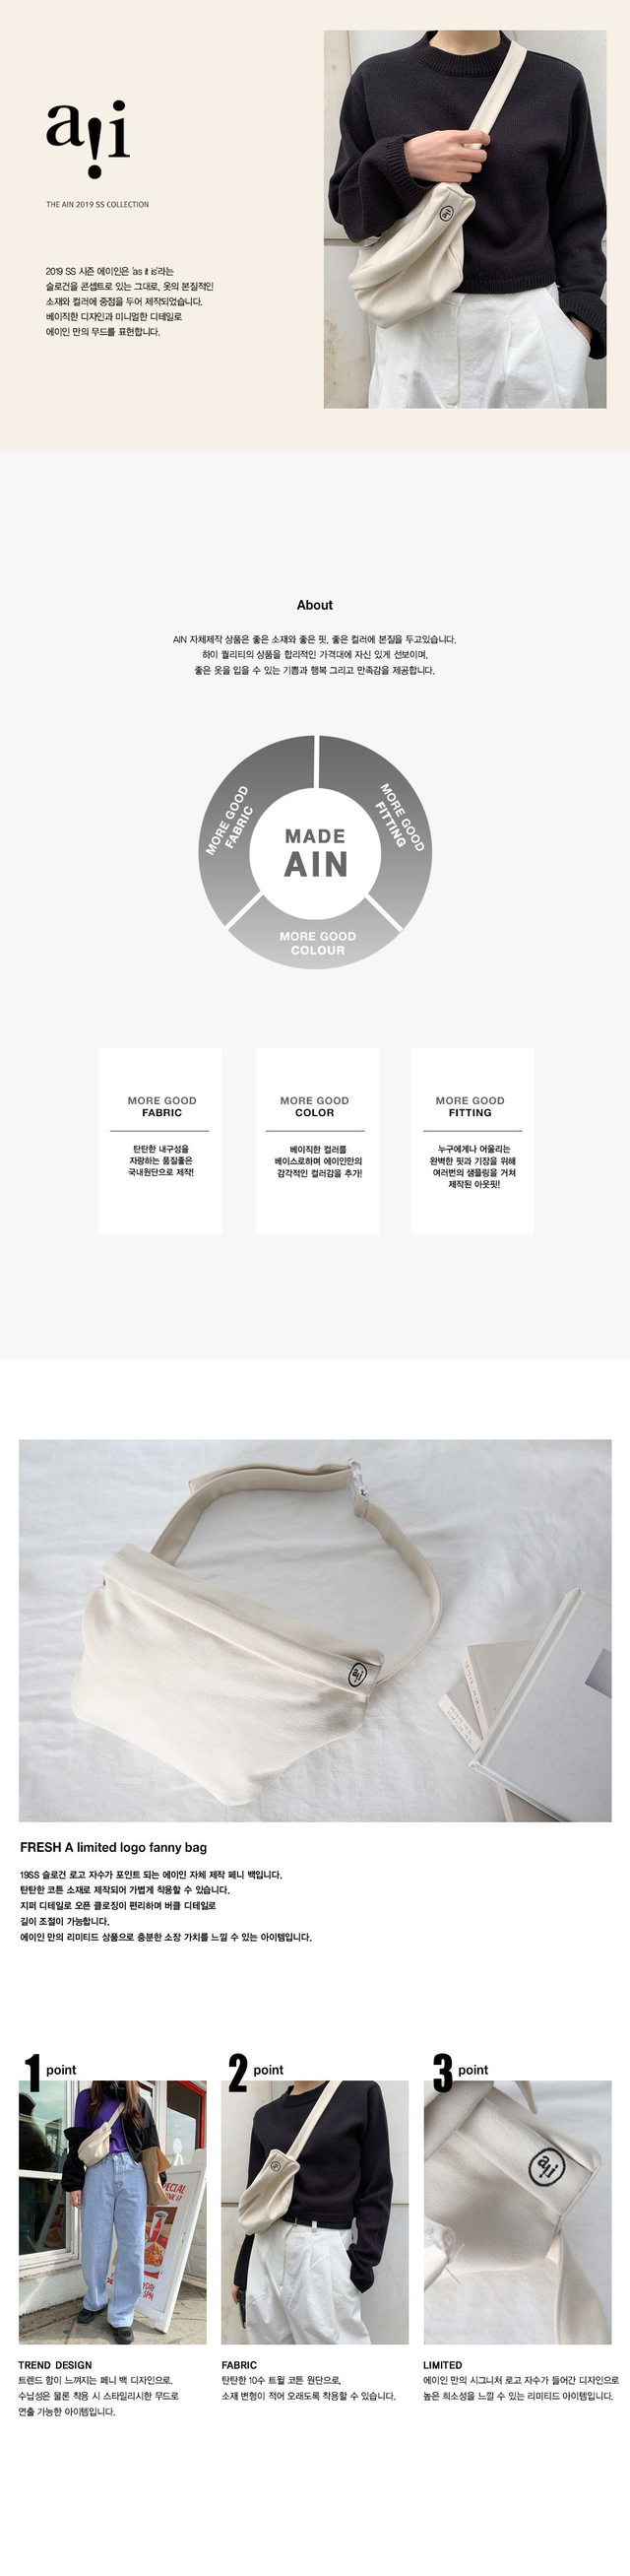 FRESH A limited logo fanny bag